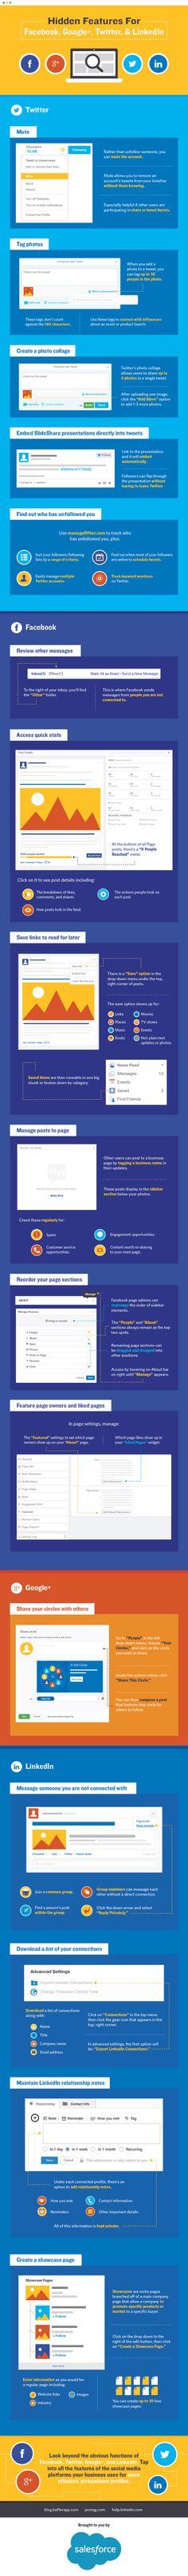 Tipps & Tricks: Die versteckten Funktionen von Facebook, Twitter, Google+ & LinkedIn | Kroker's Look @ IT